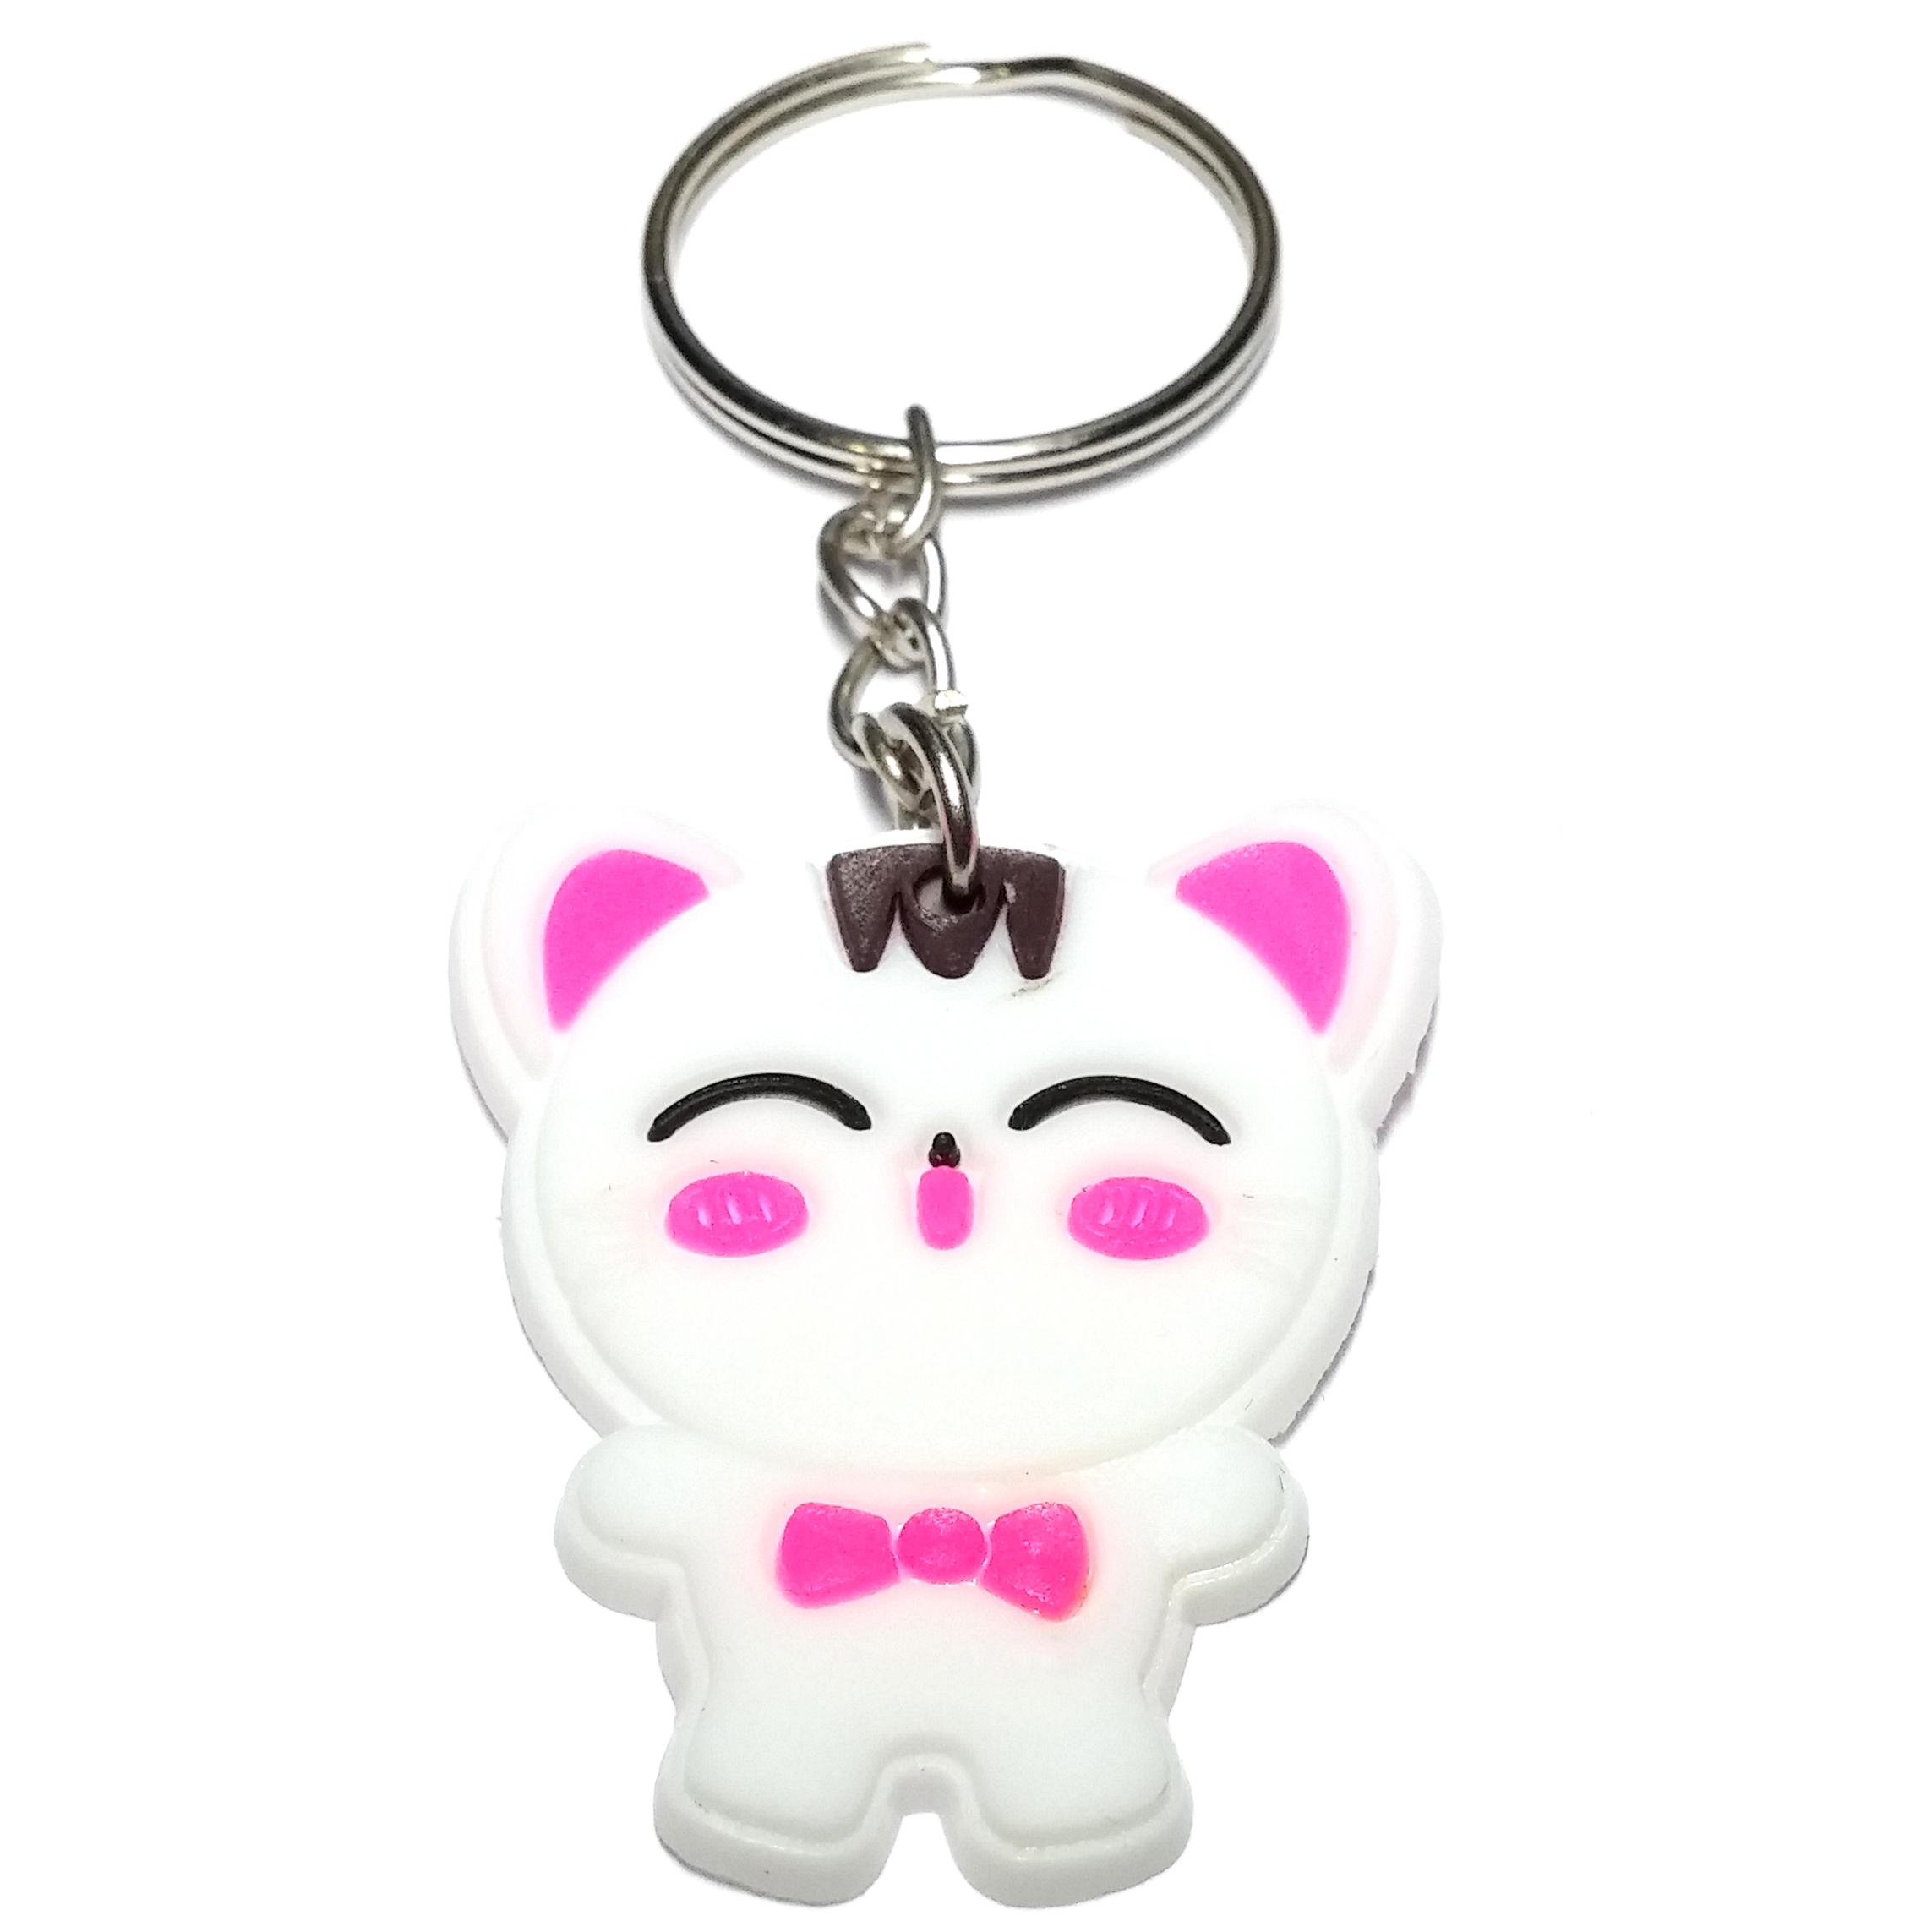 Porte clé plastique chaton blanc avec un noeud papillon rose